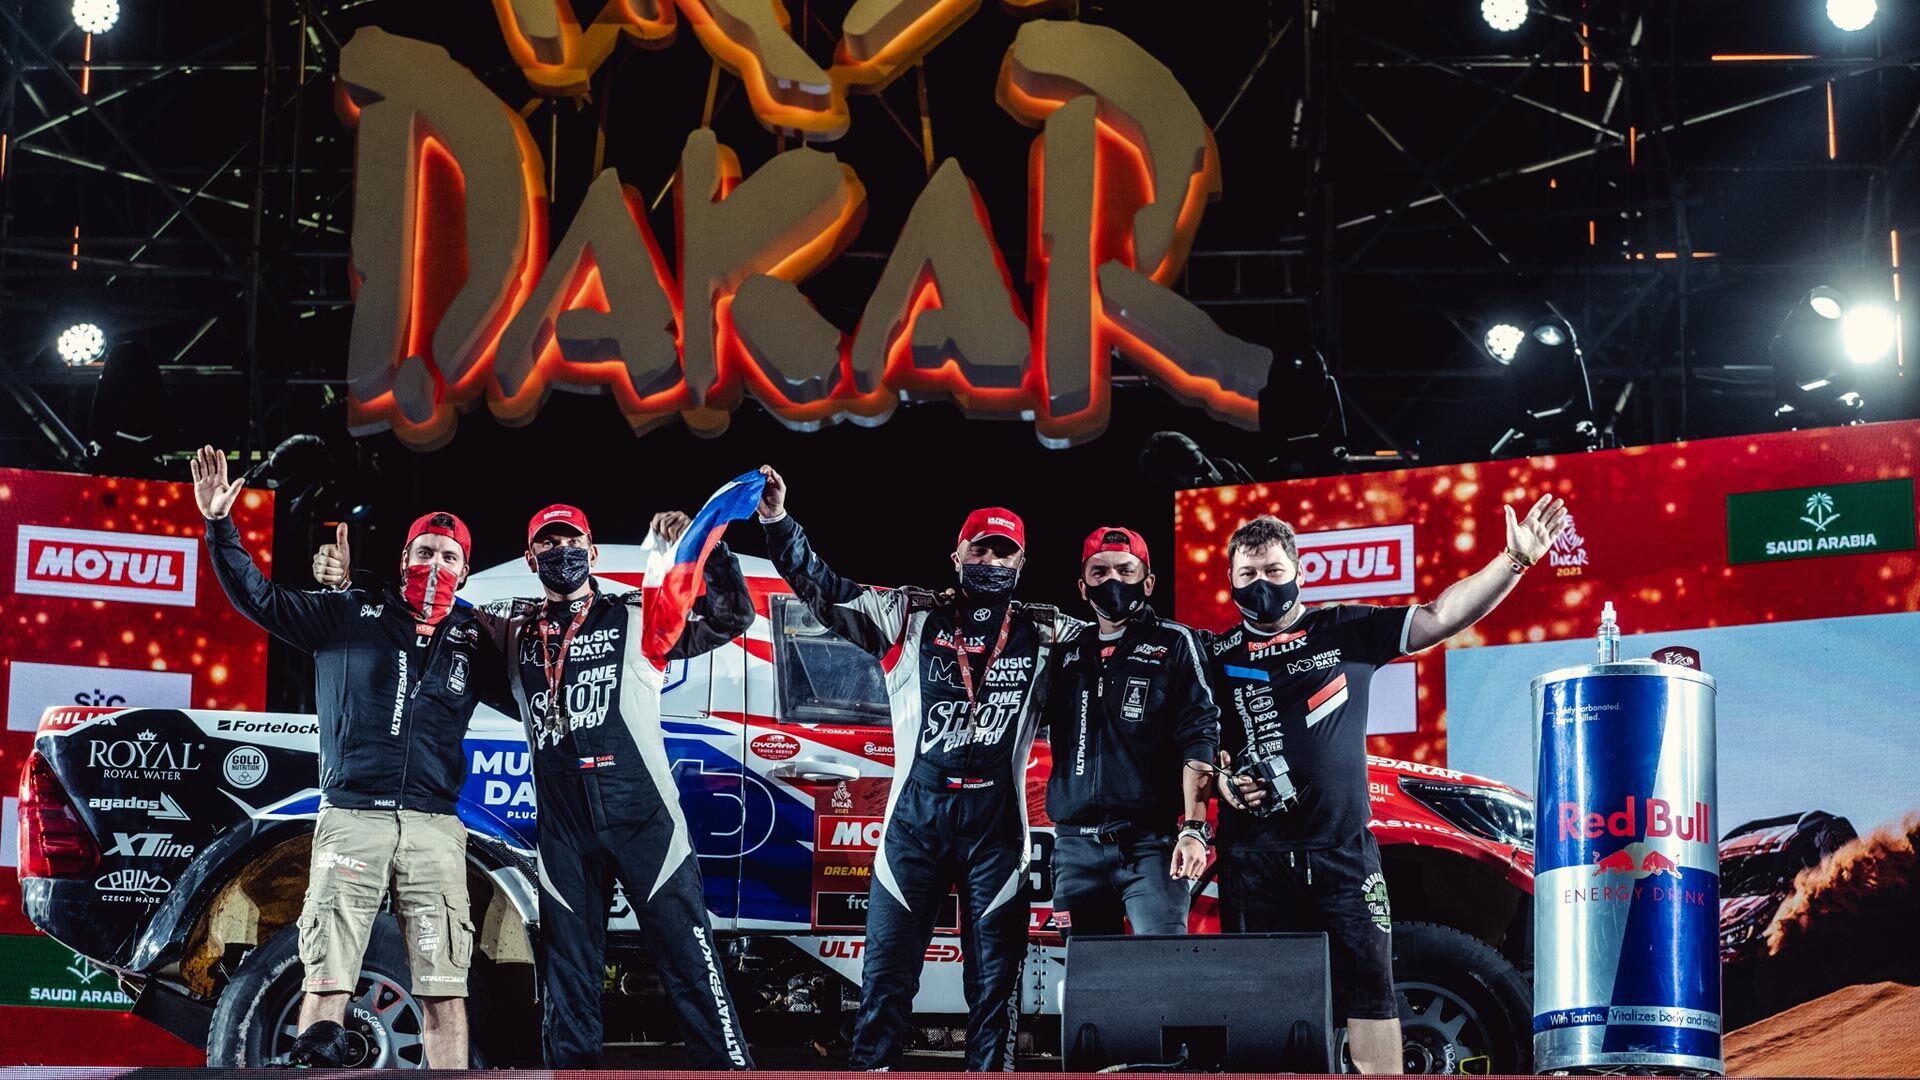 Dakar 2021: Another successful finish